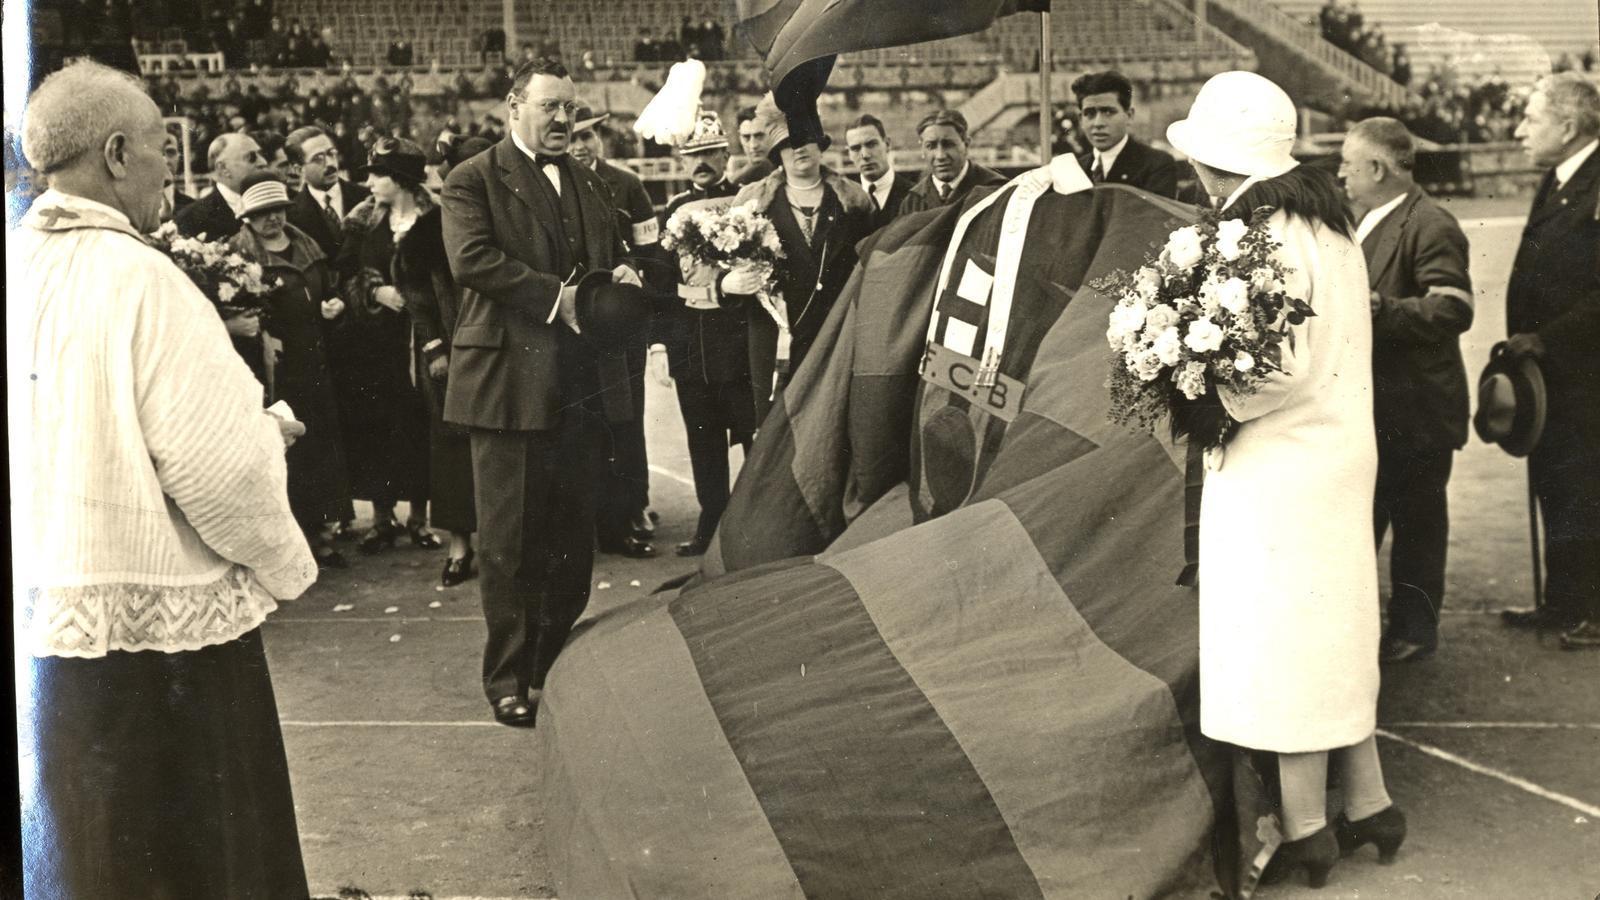 Joan Gamper en una imatge de celebració dels 25 anys del club, que es van celebrar durant la temporada 1924-1925